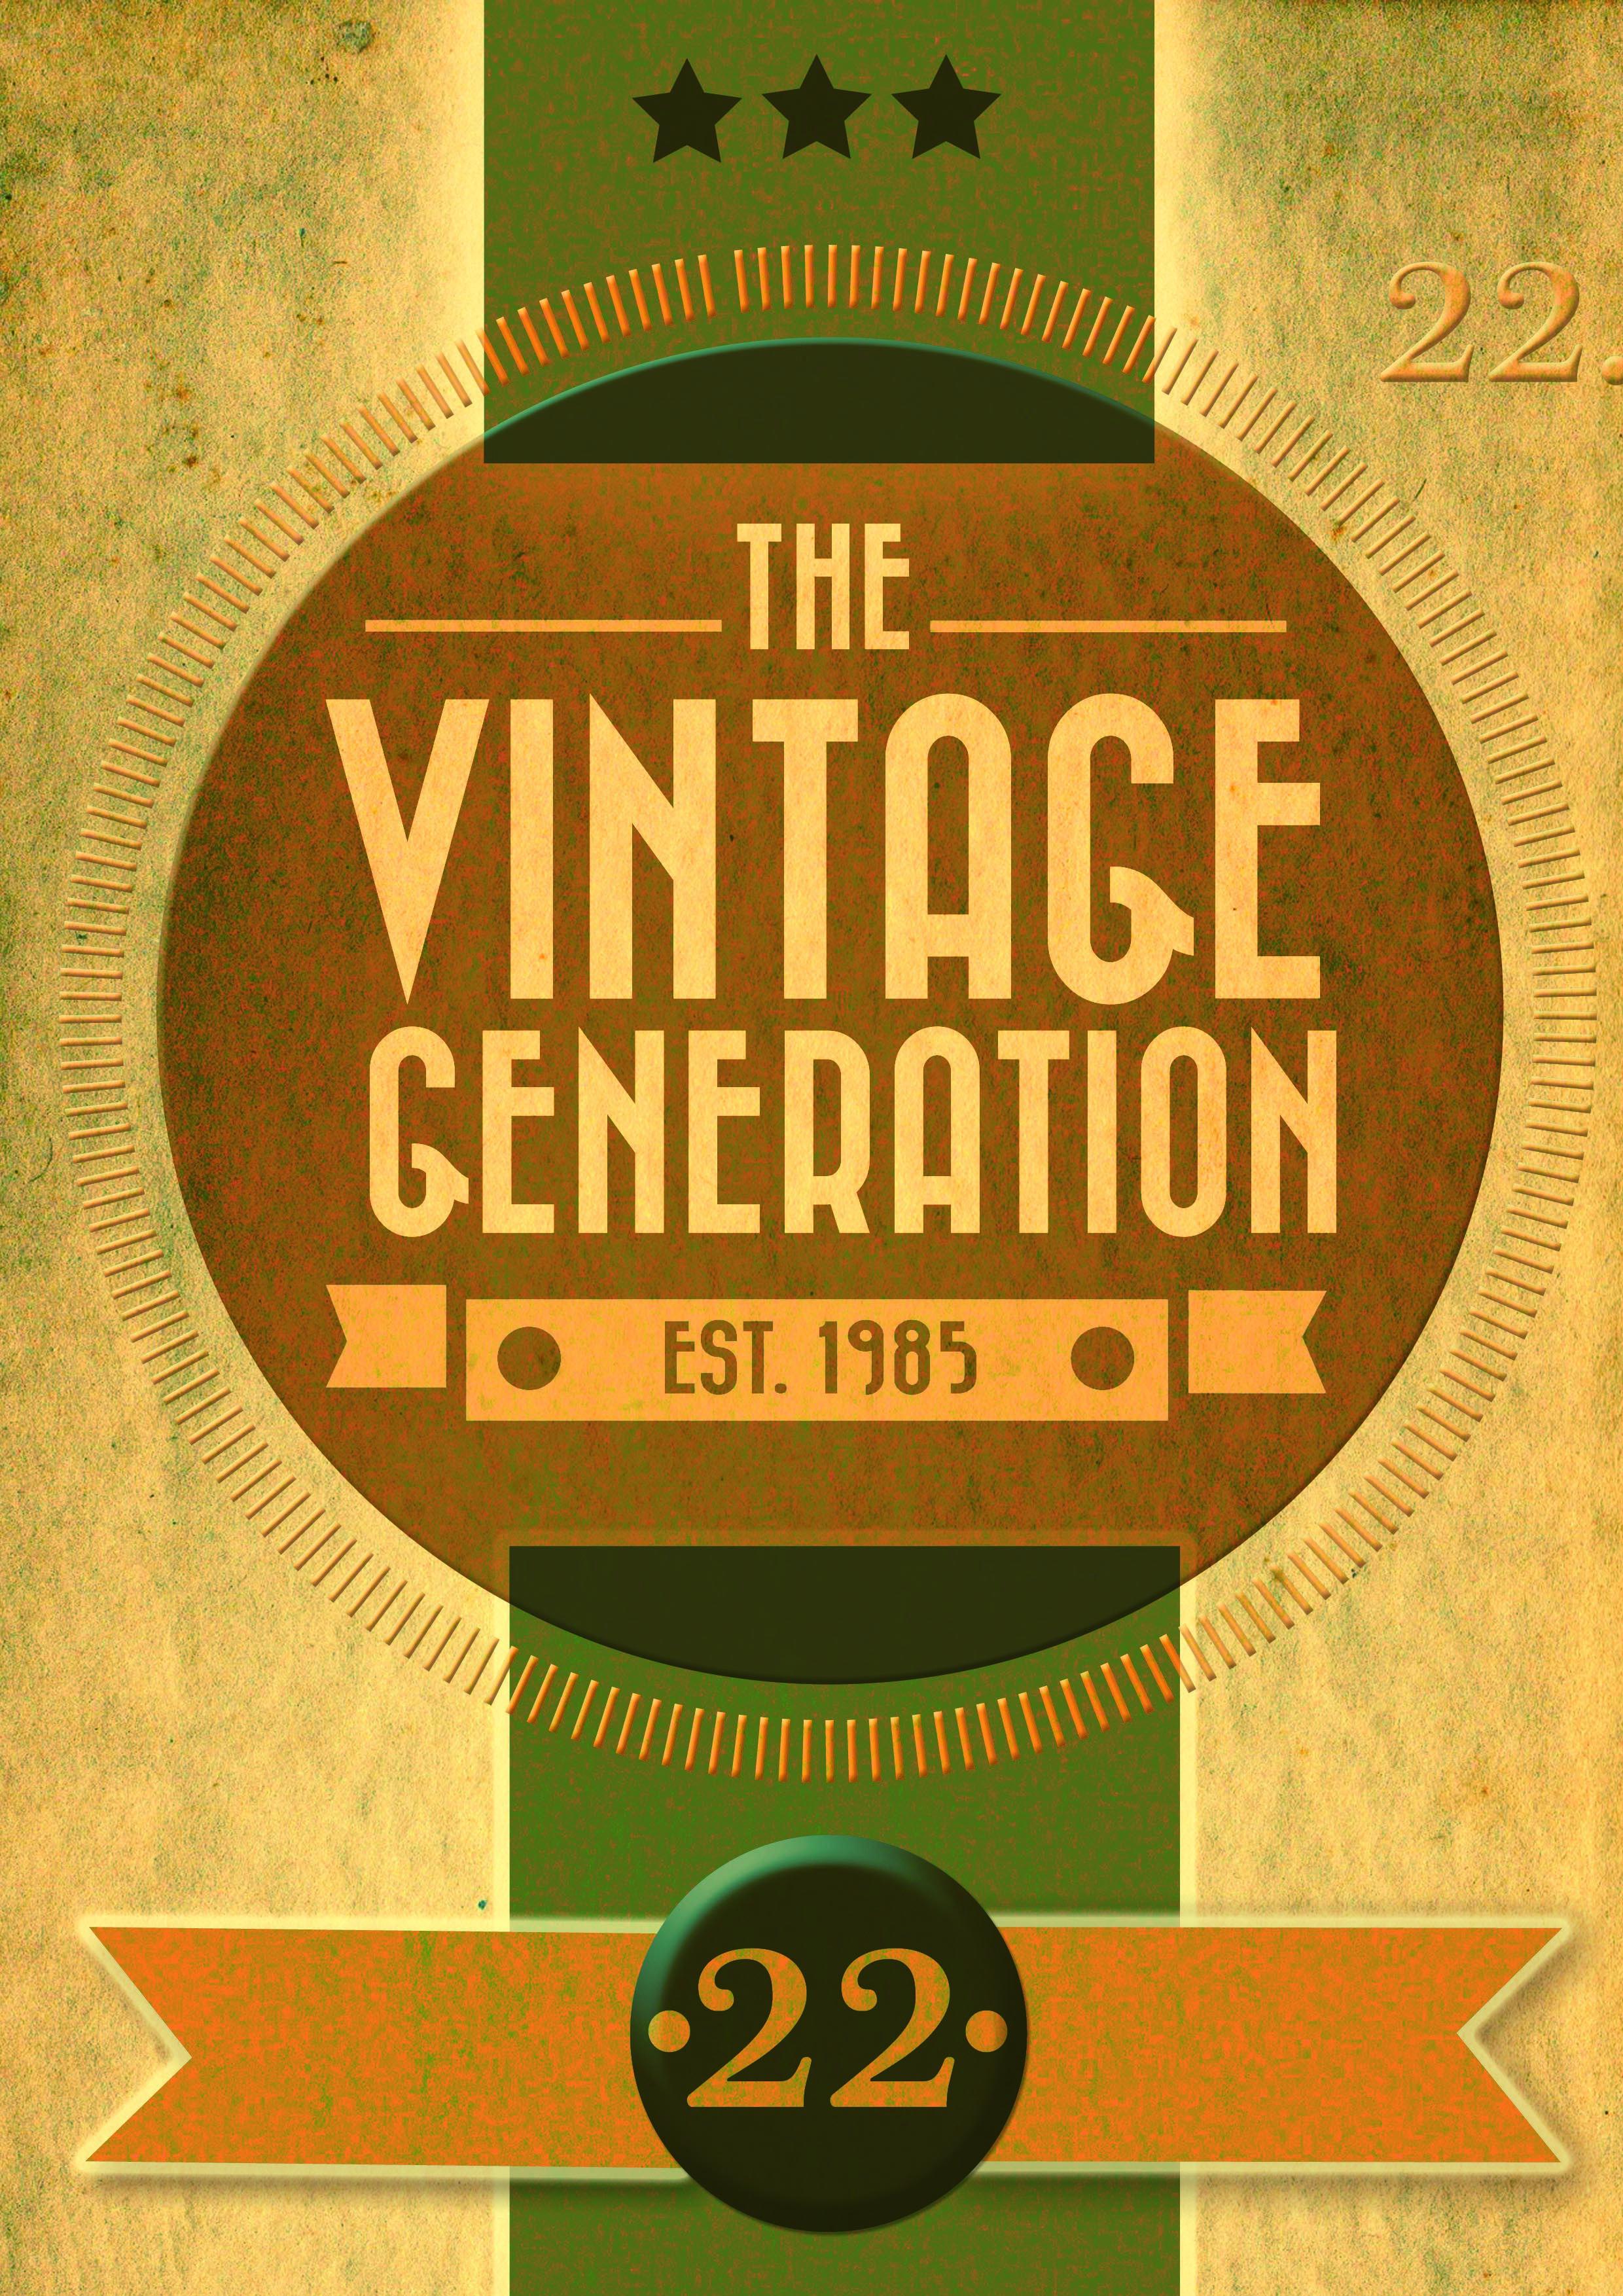 Vintage Generation Design